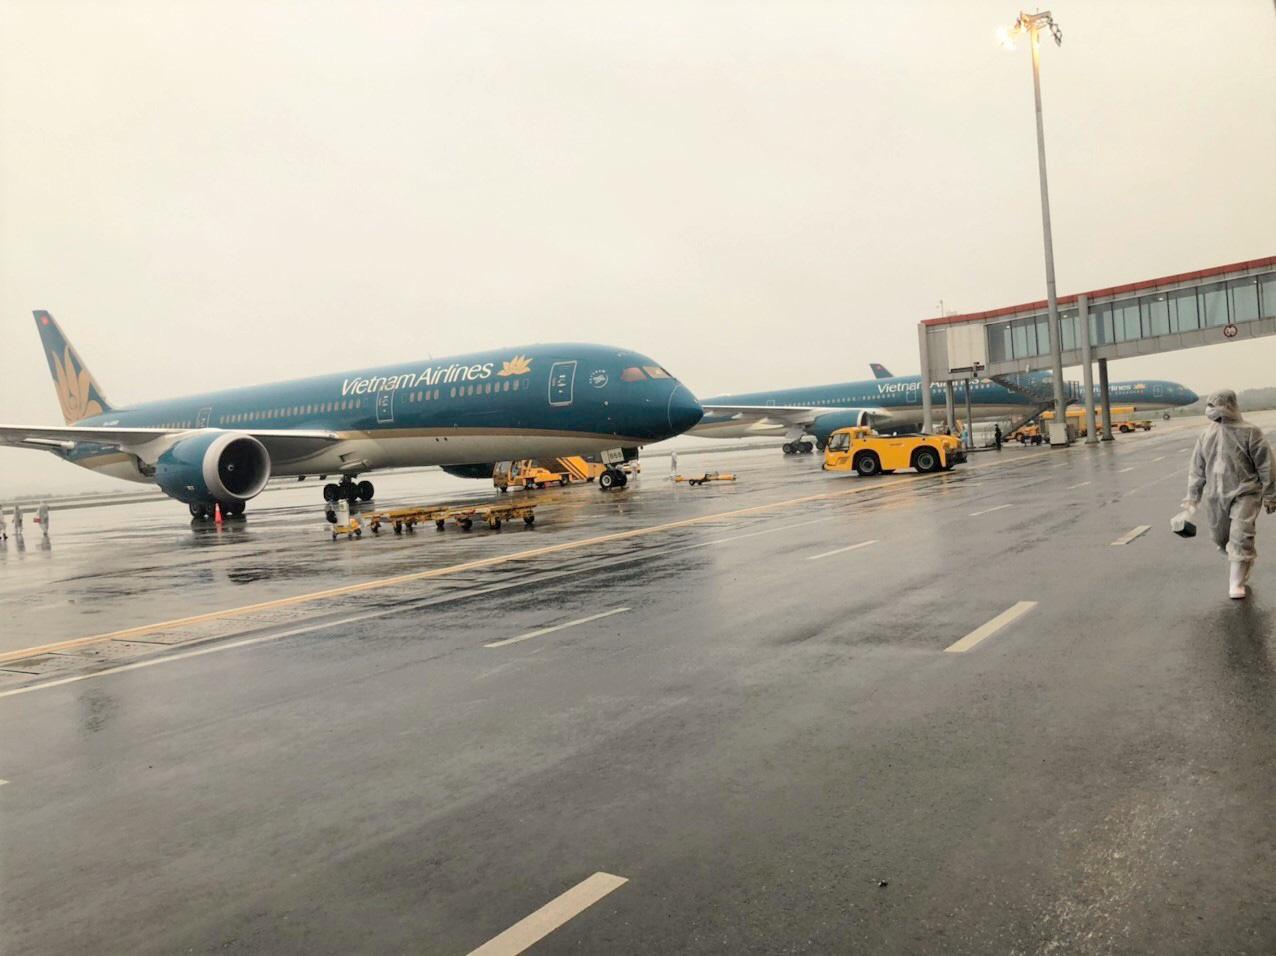 Chuyến bay bị thay đổi khi đóng cửa đường băng sửa chữa - Ảnh 2.